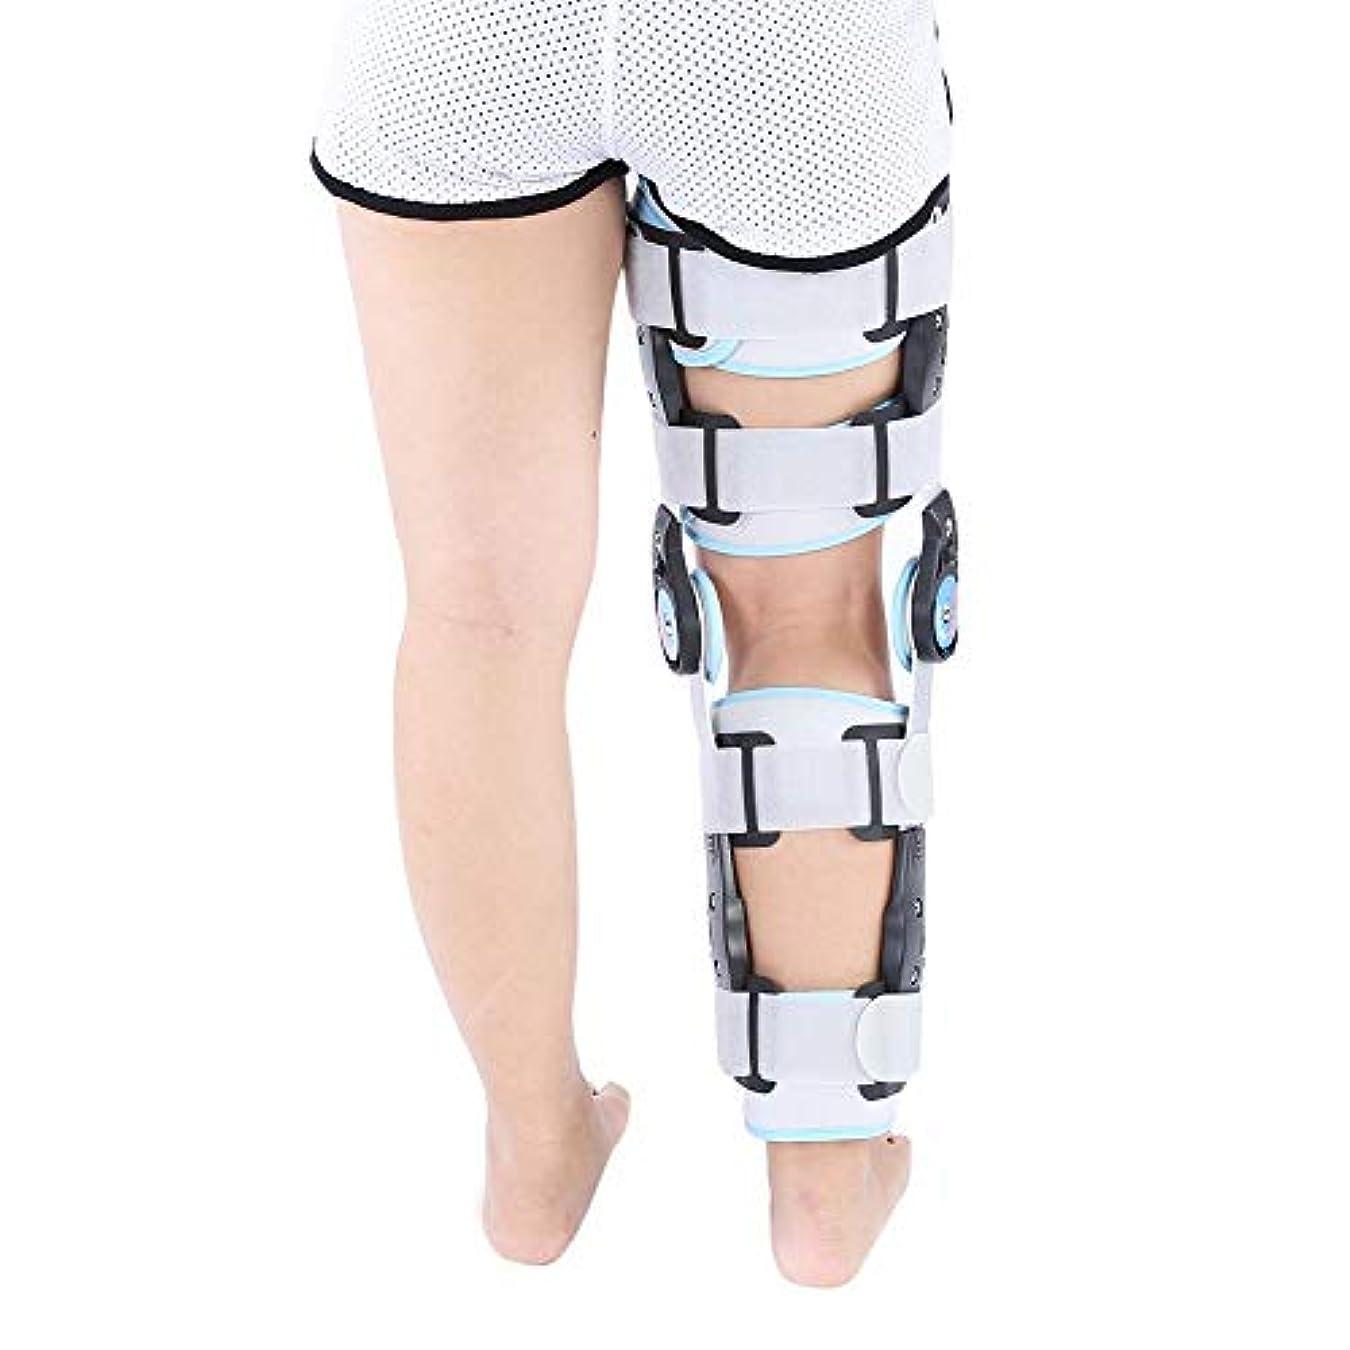 スリップ主に前者膝装具固定、ヒンジ付き調整可能な固定安定化骨折サポート